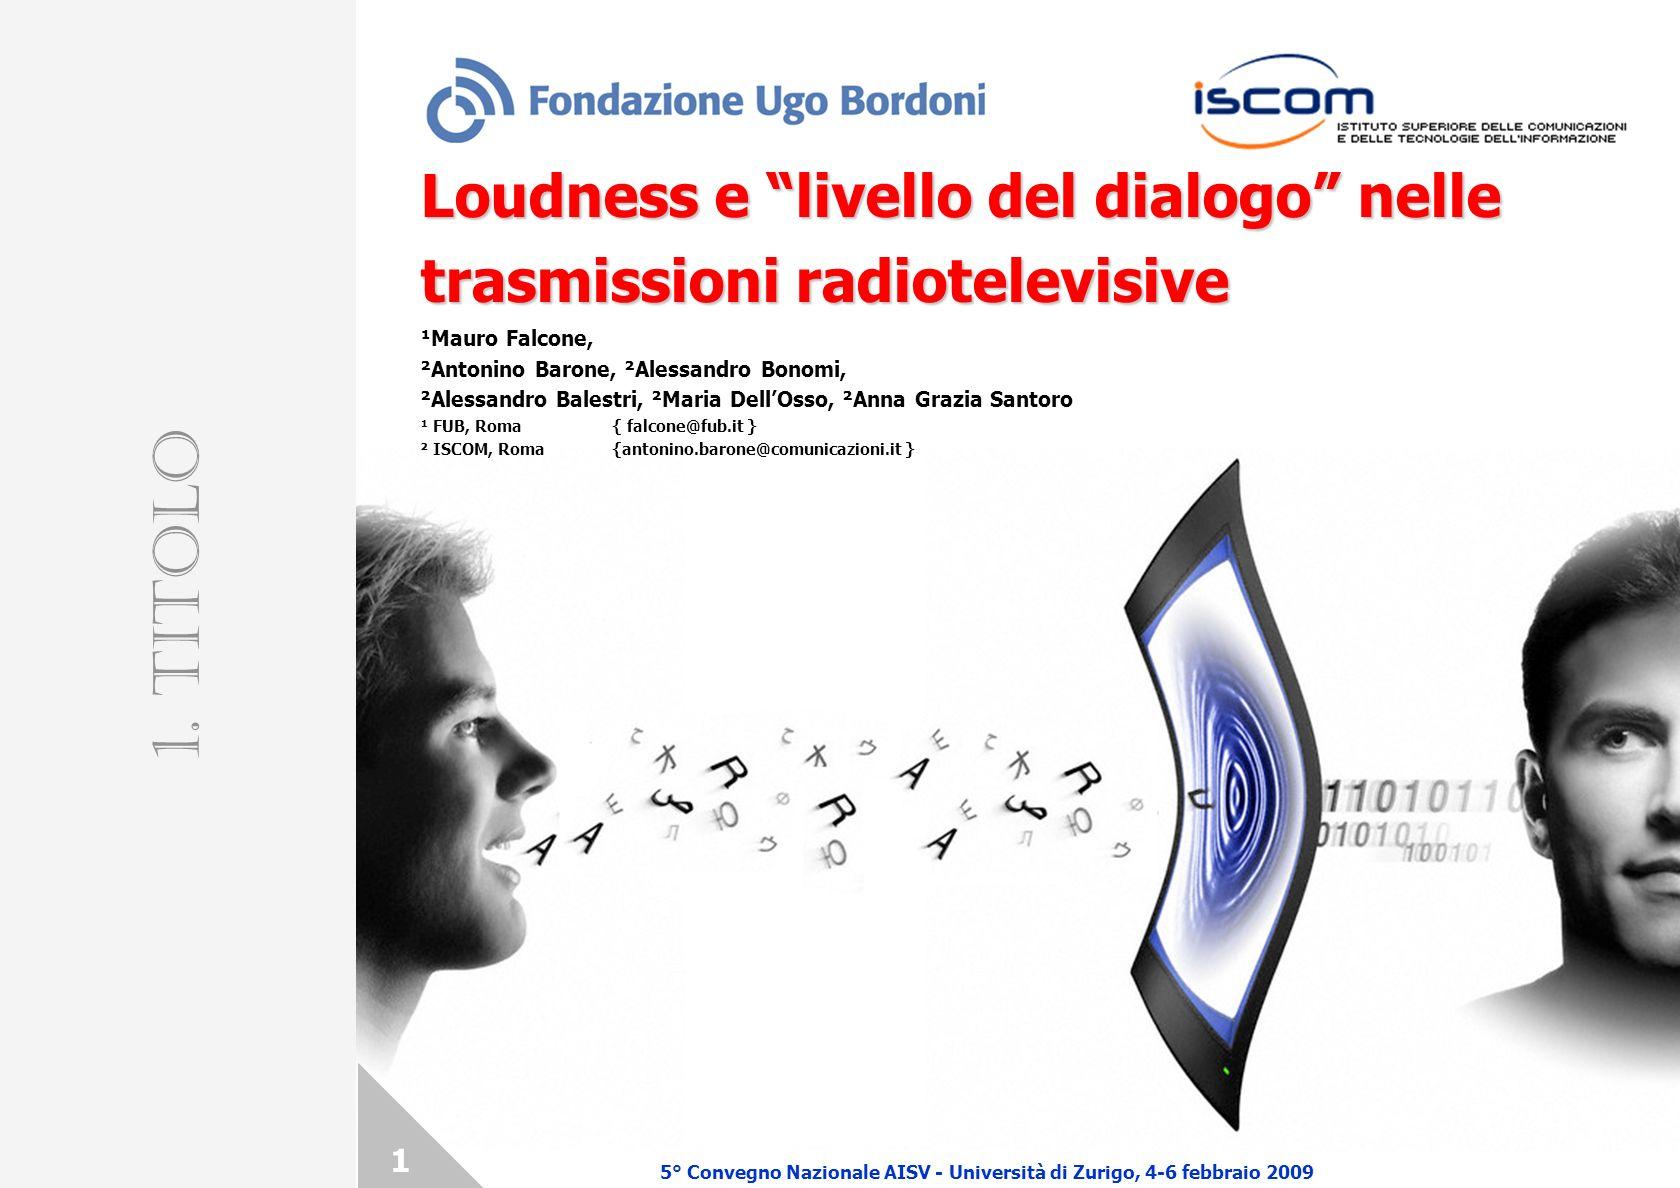 Loudness e livello del dialogo nelle trasmissioni radiotelevisive ¹Mauro Falcone, ²Antonino Barone, ²Alessandro Bonomi, ²Alessandro Balestri, ²Maria D